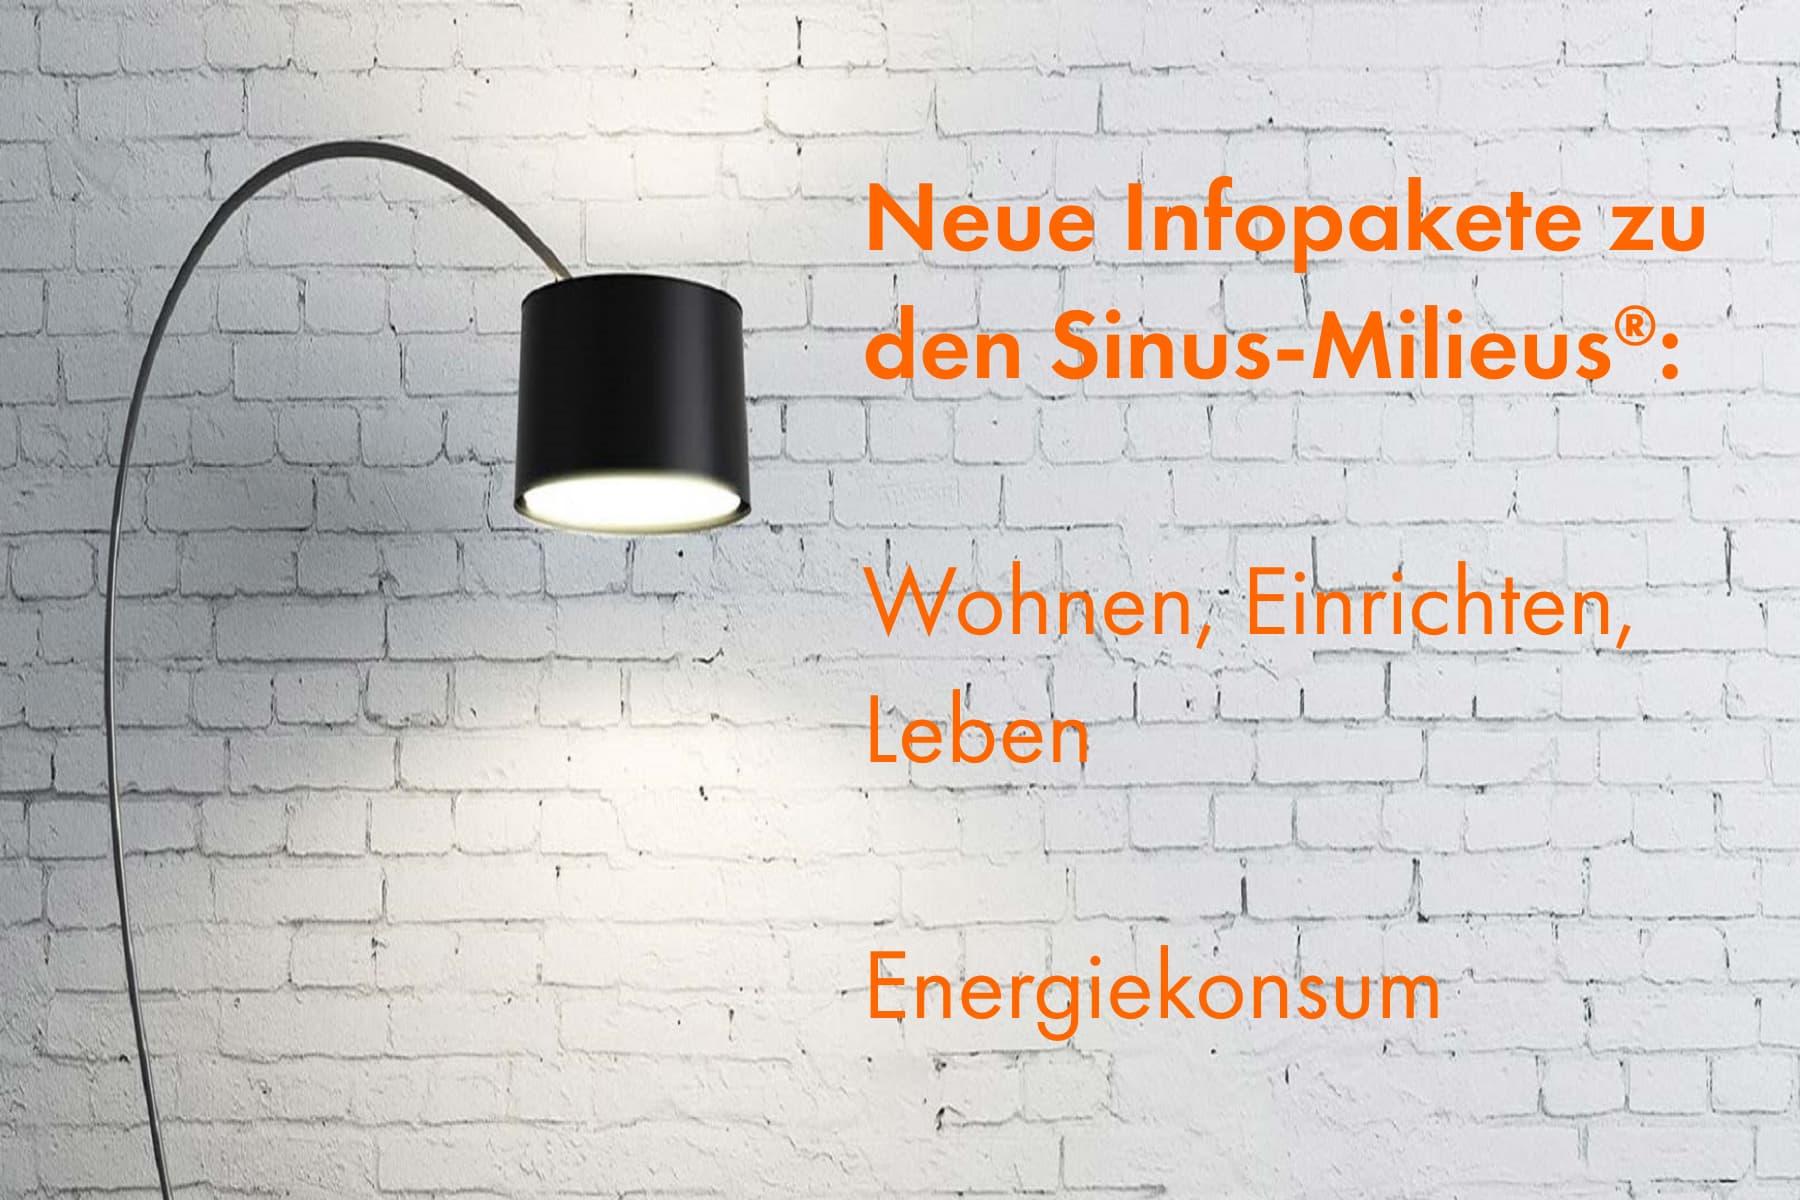 """Aktualisierte Infopakete """"Wohnen, Einrichten, Leben"""" und """"Energiekonsum"""""""